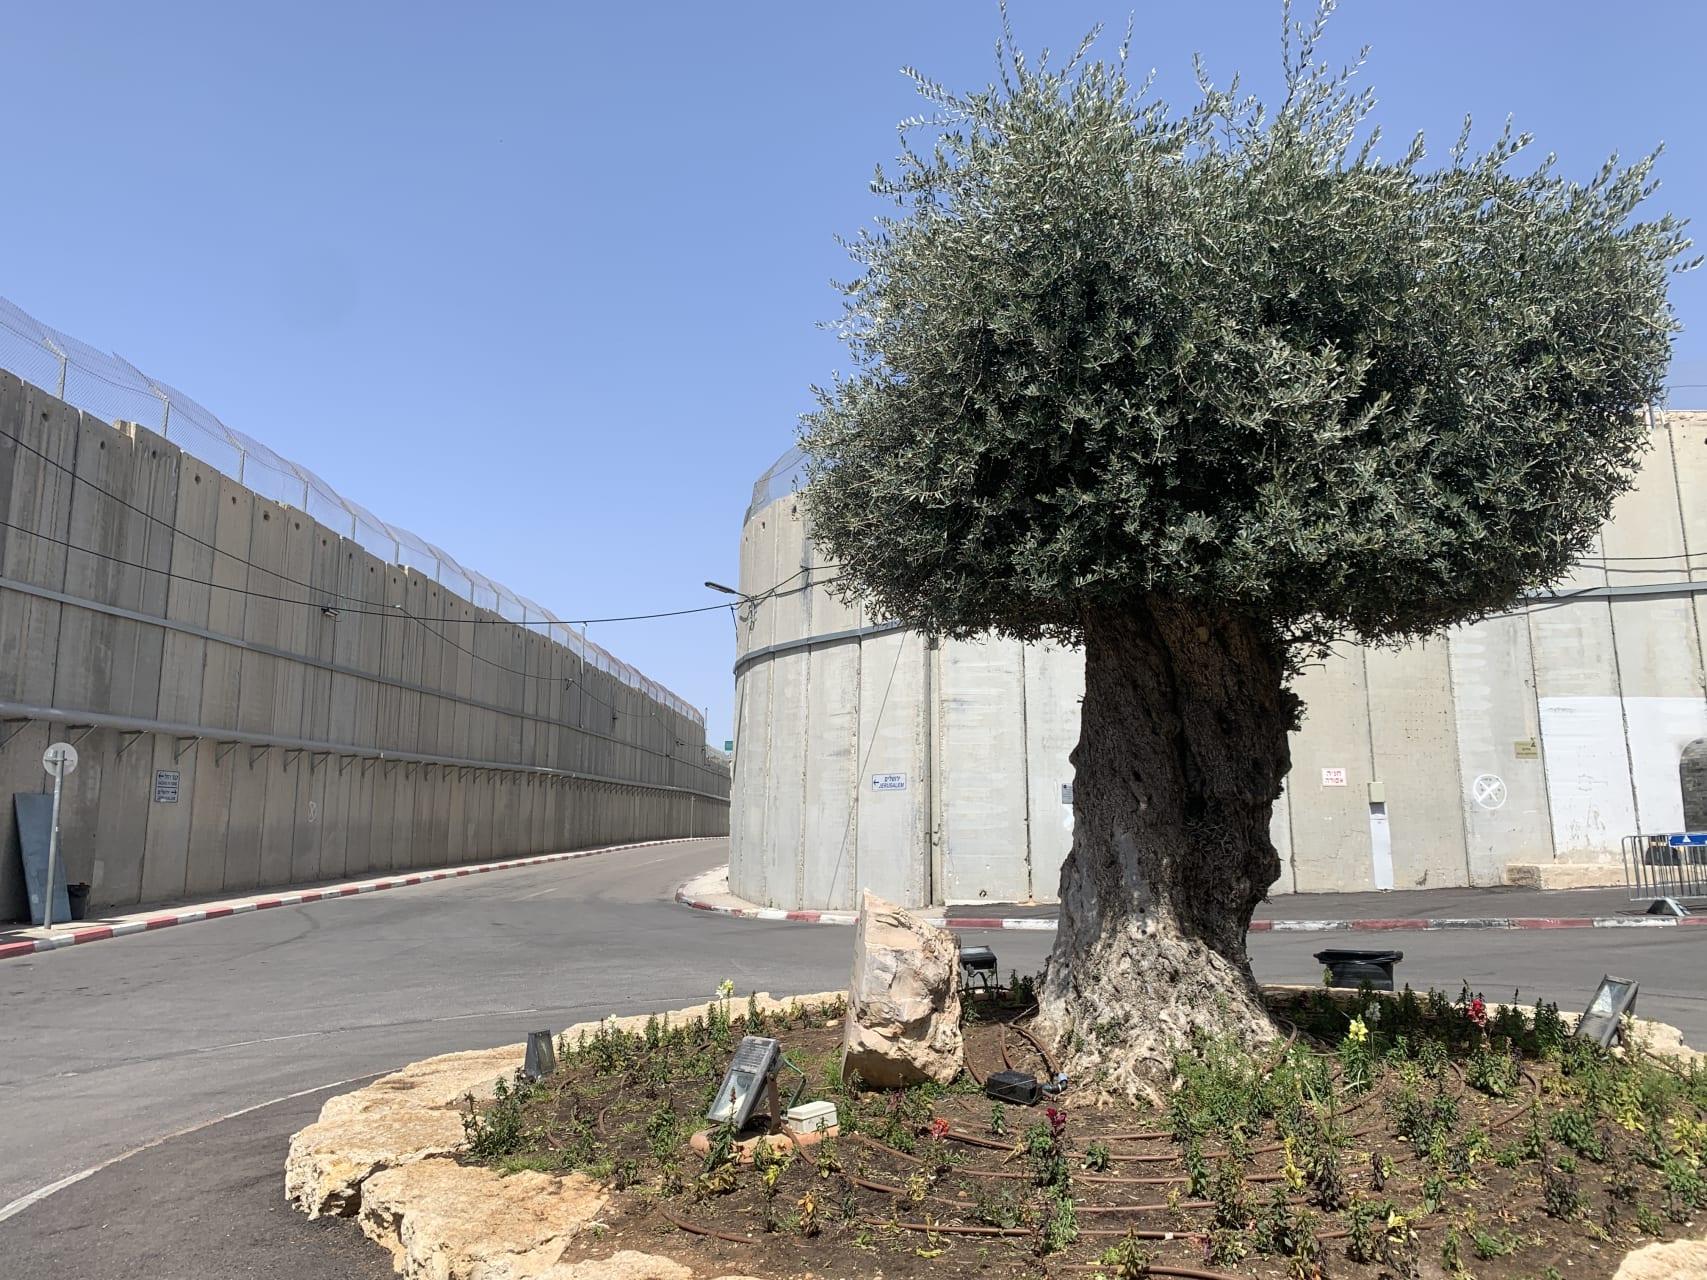 Jerusalem - The Security Barrier Between Jerusalem and Bethlehem